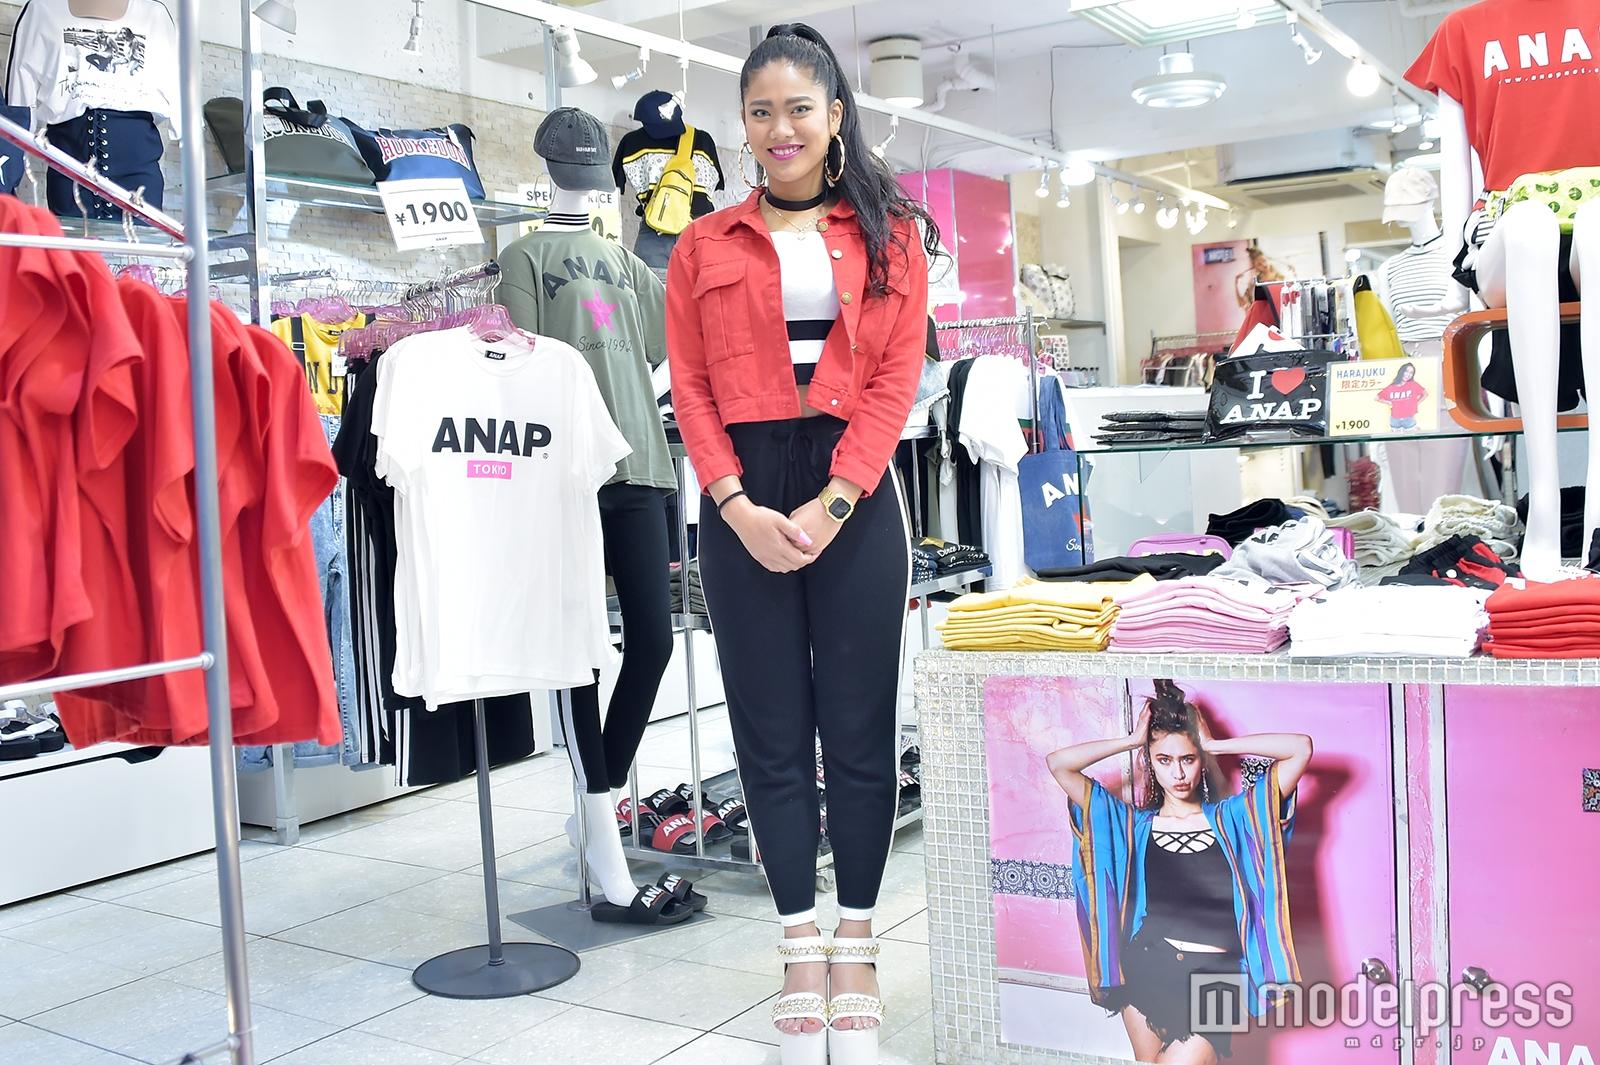 「ANAP」原宿竹下通り店で取材を実施(C)モデルプレス